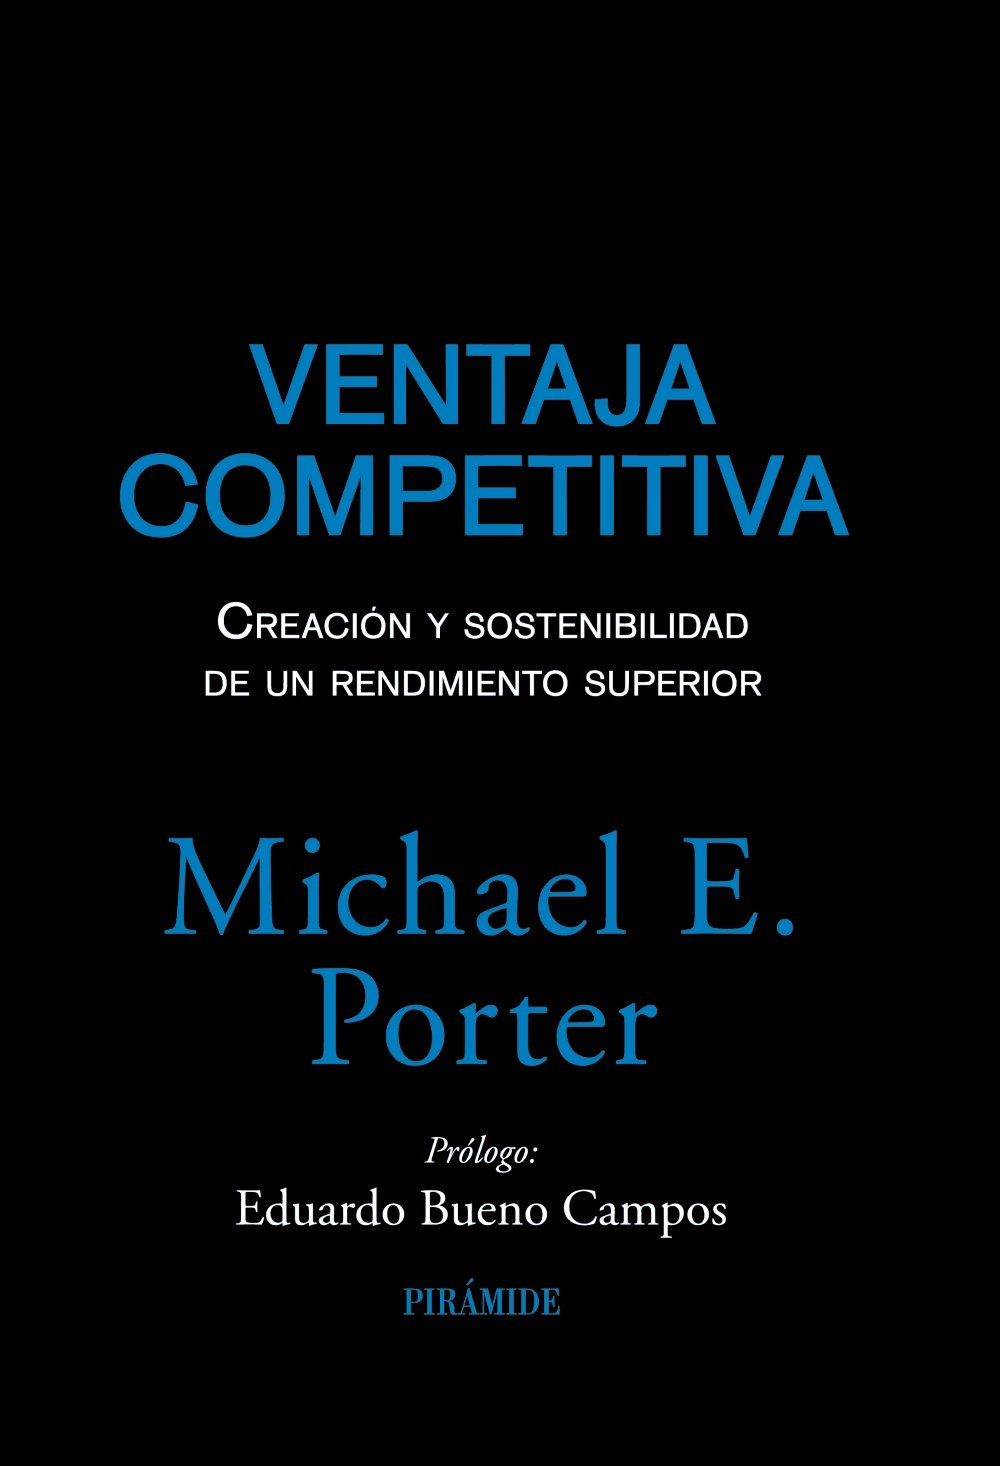 Ventaja competitiva: Creación y sostenibilidad de un rendimiento superior (Empresa Y Gestión) Tapa dura – 1 mar 2010 Michael E. Porter Pirámide 8436823214 Industrial Management